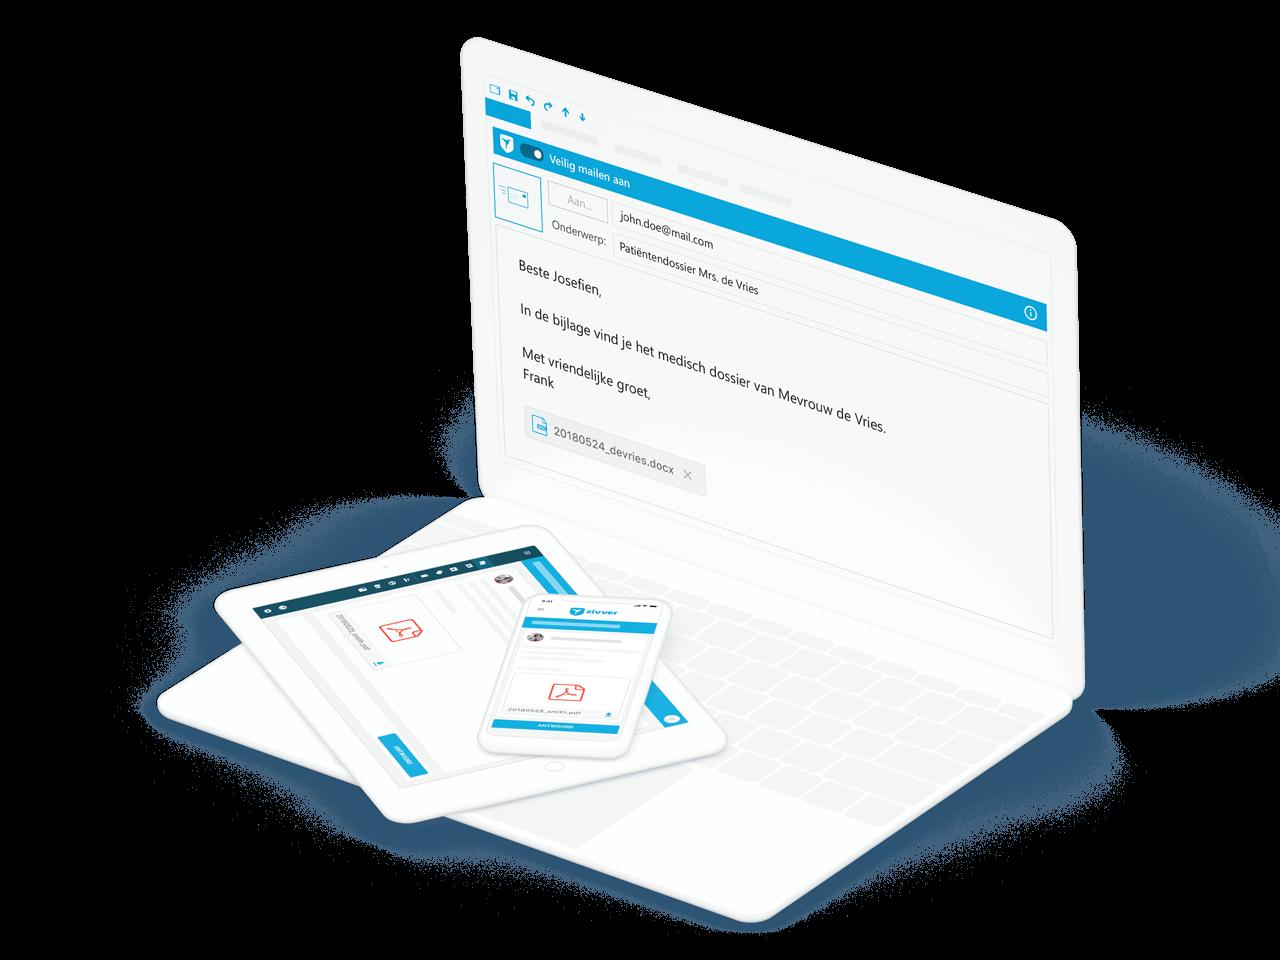 Je stuurt grote bestanden gewoon vanuit je vertrouwde e-mailomgeving, zoals Outlook.